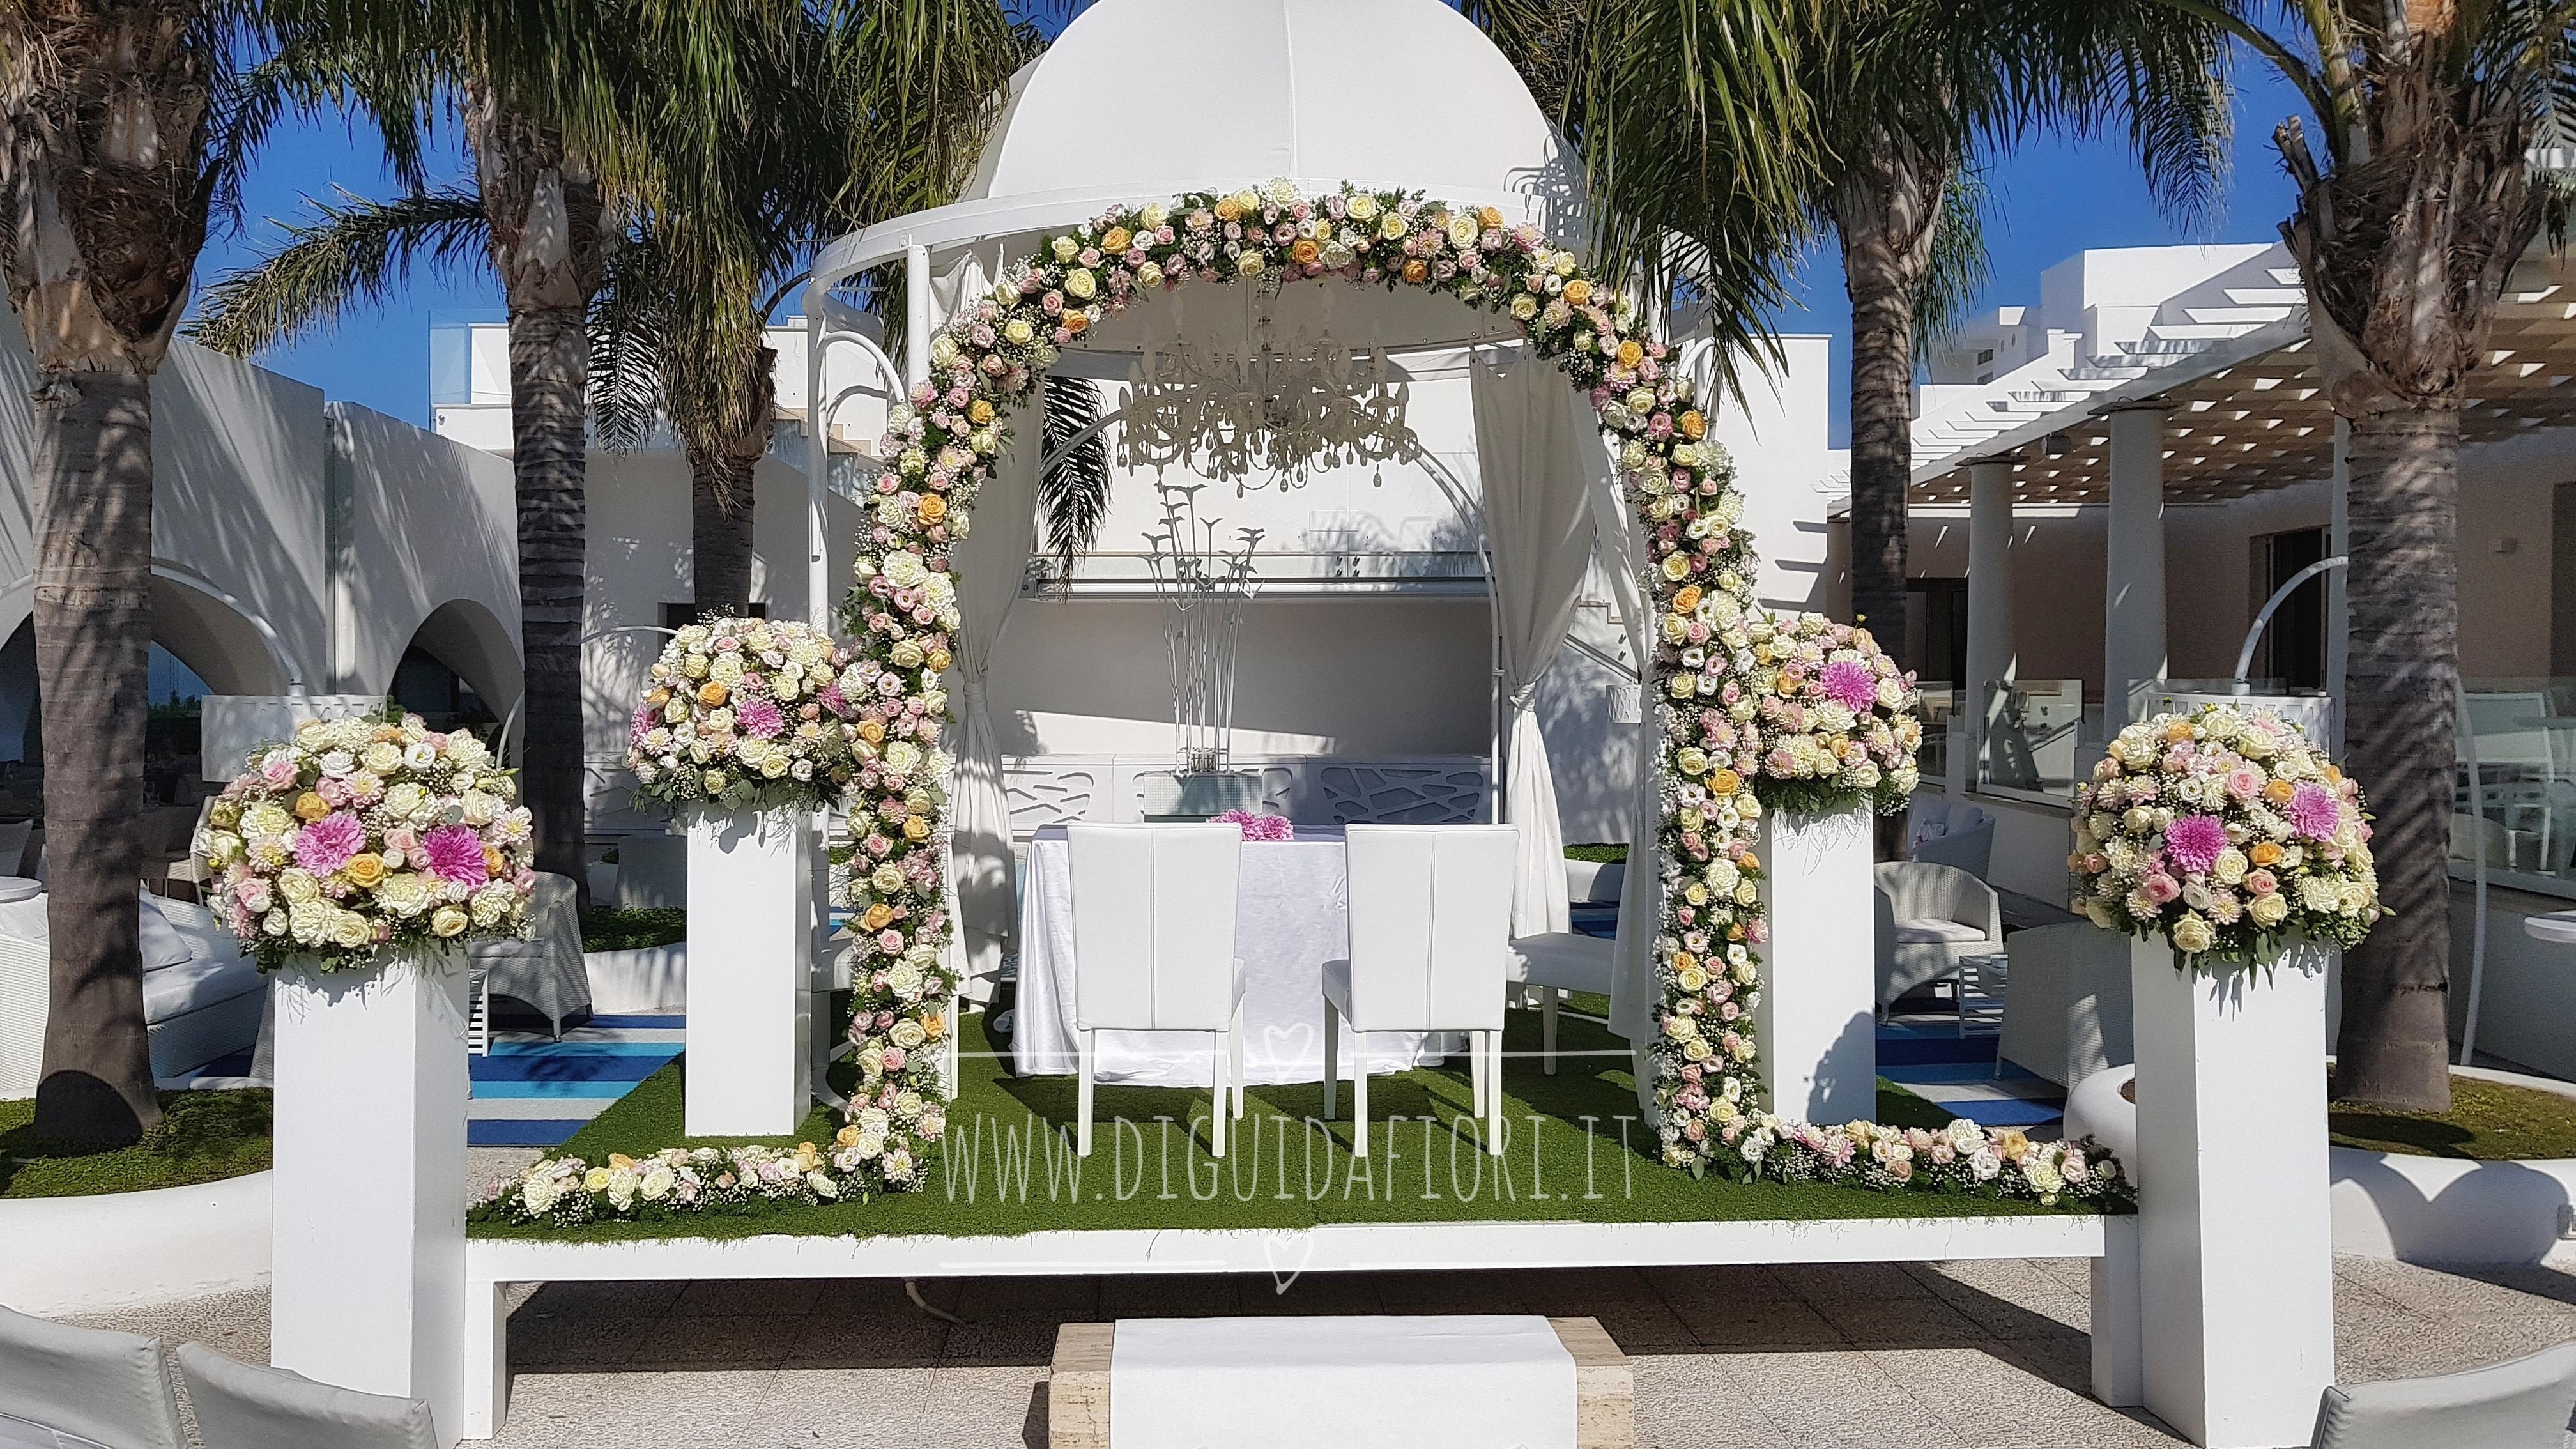 Matrimonio con rito civile – Al Chiar di Luna